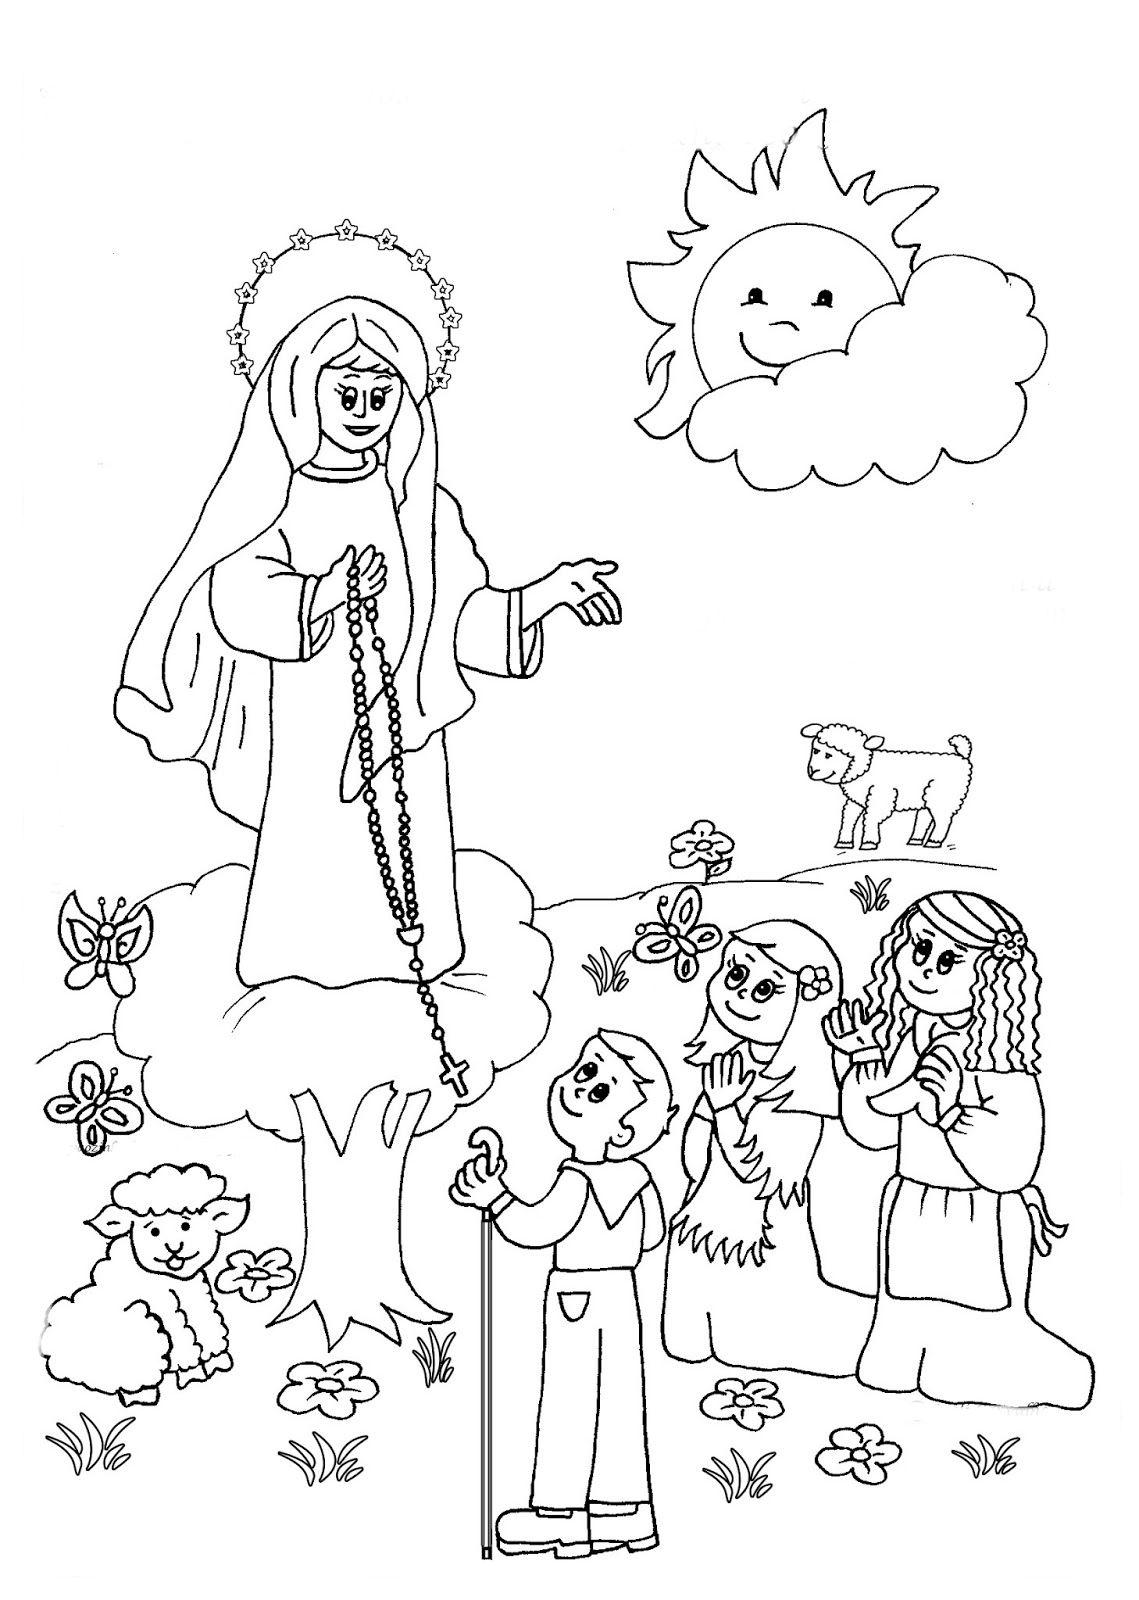 imagenes de la virgen maria para pintar | Virgen María | Pinterest ...